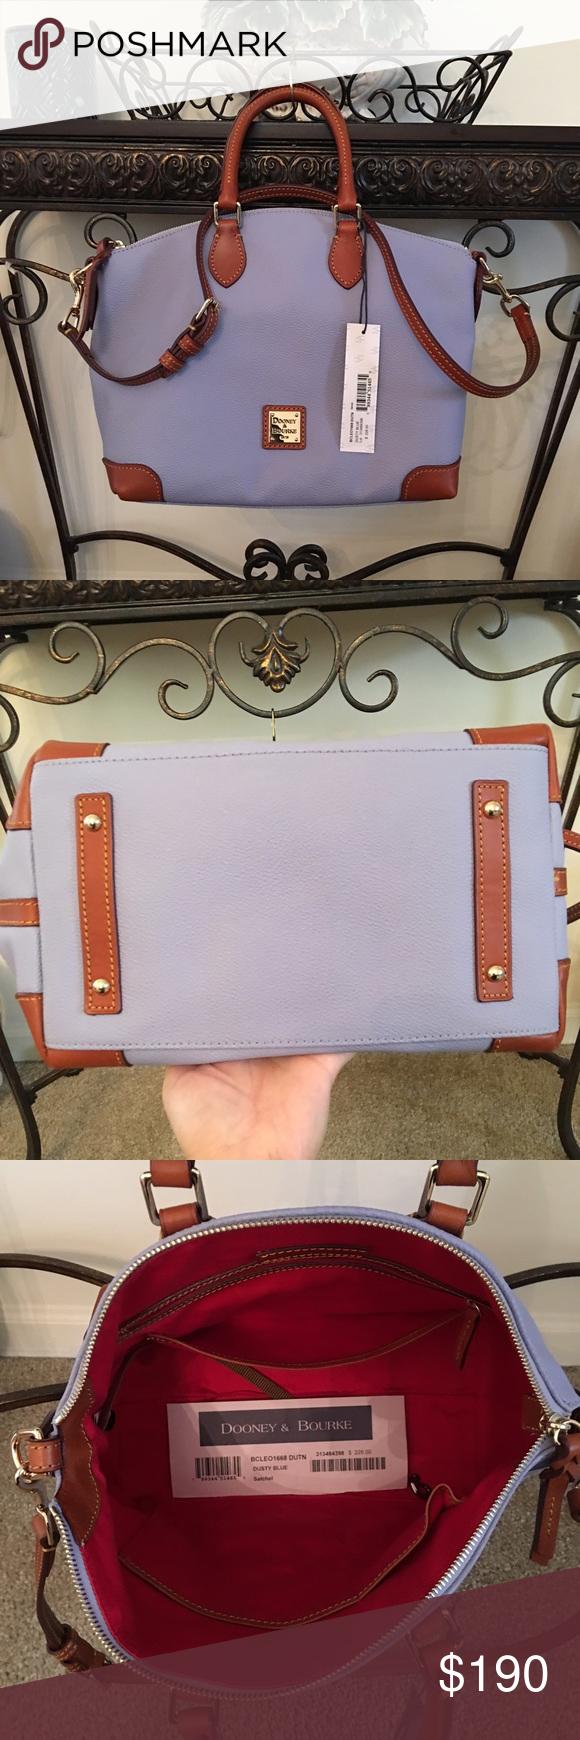 Dooney & Bourke satchel 🎀AUTHENTIC🎀 Brand new satchel in dusty blue color Dooney & Bourke Bags Satchels